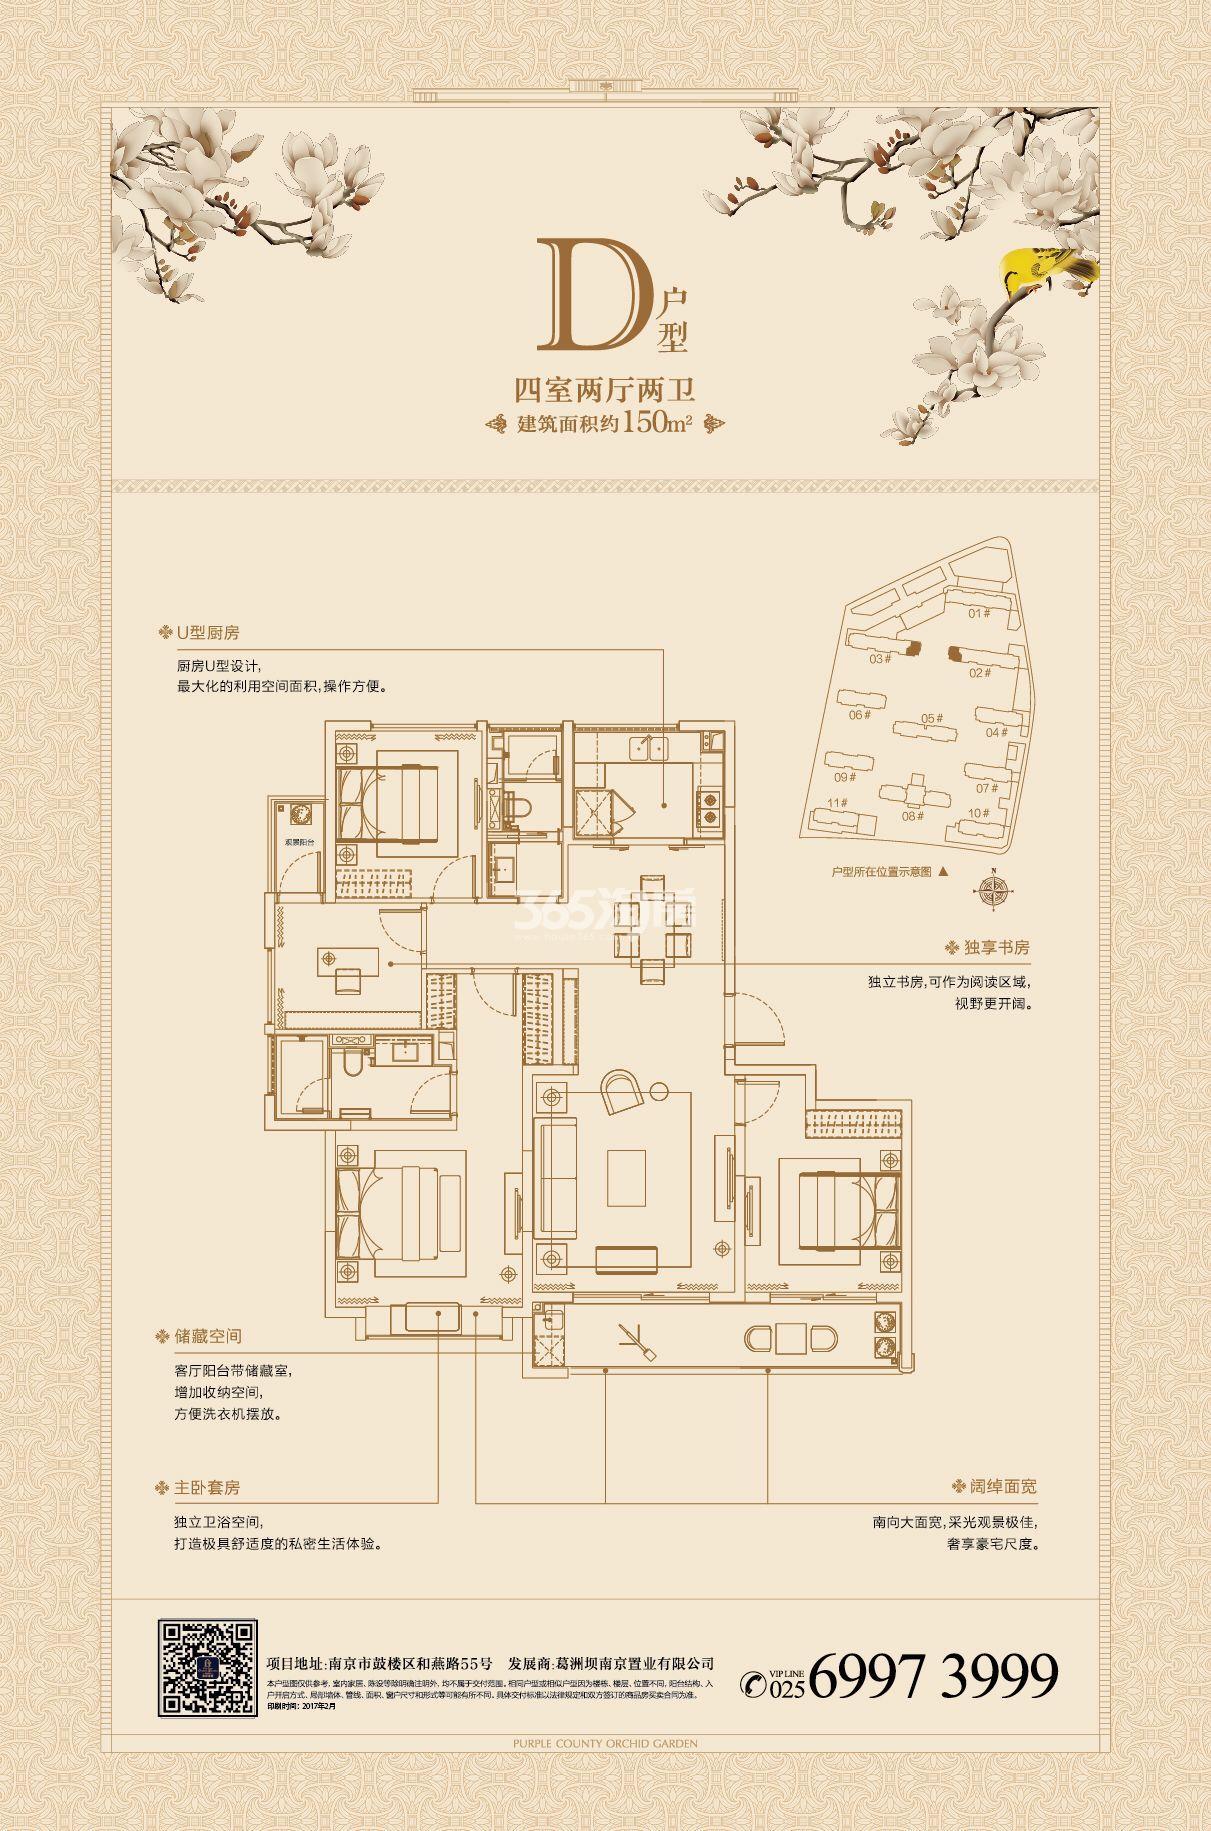 葛洲坝招商紫郡蘭园150㎡4室2厅2卫户型图